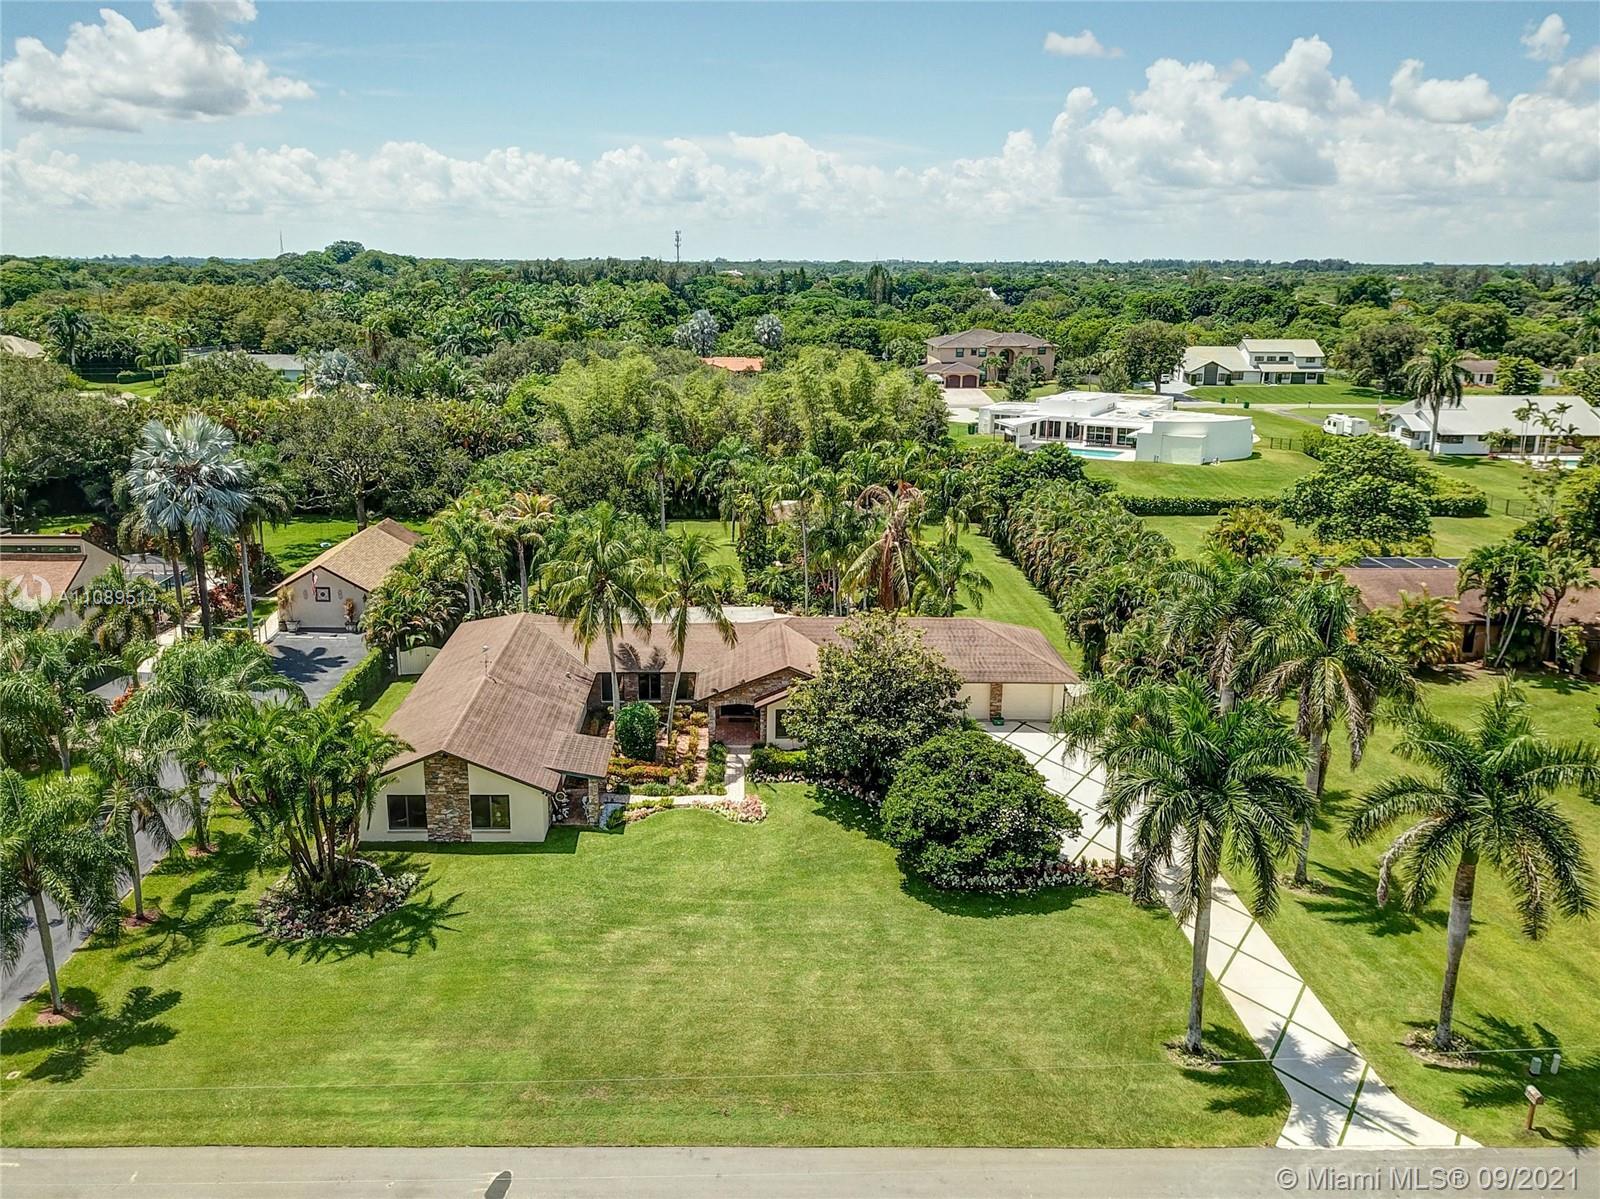 Majestic Groves - 3501 SW 116th Ave, Davie, FL 33330